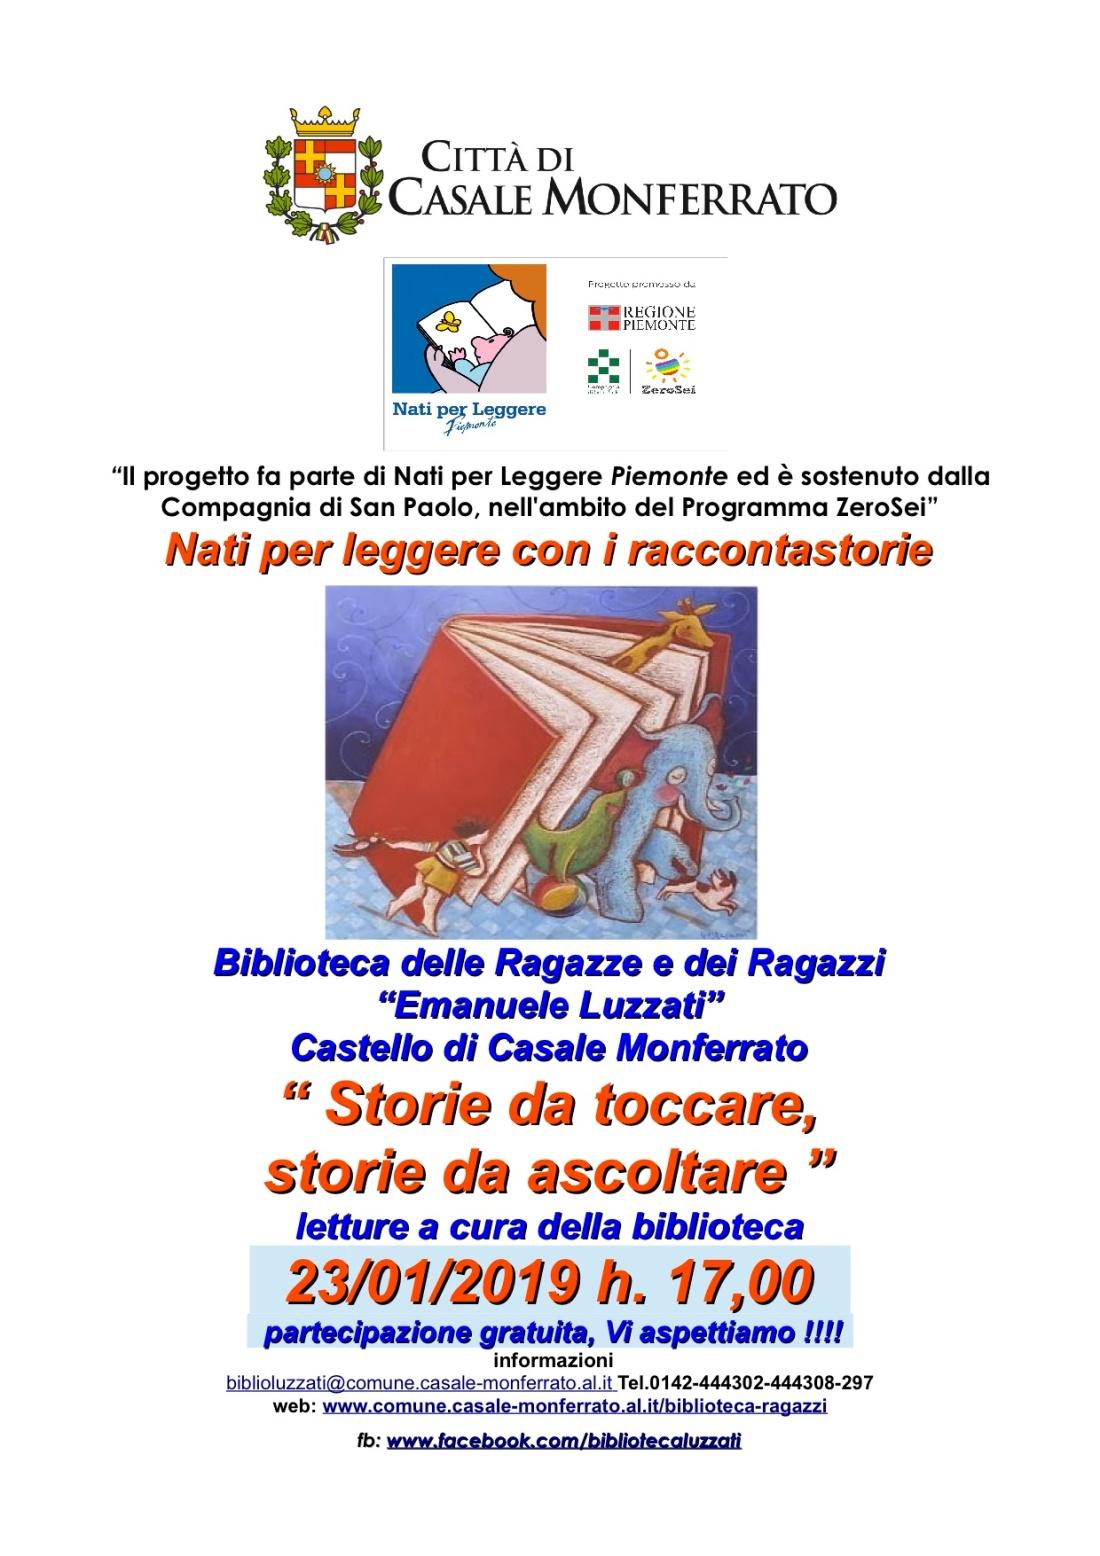 genn locandina letture npl storie da toccare e ascoltare 23-1-2019